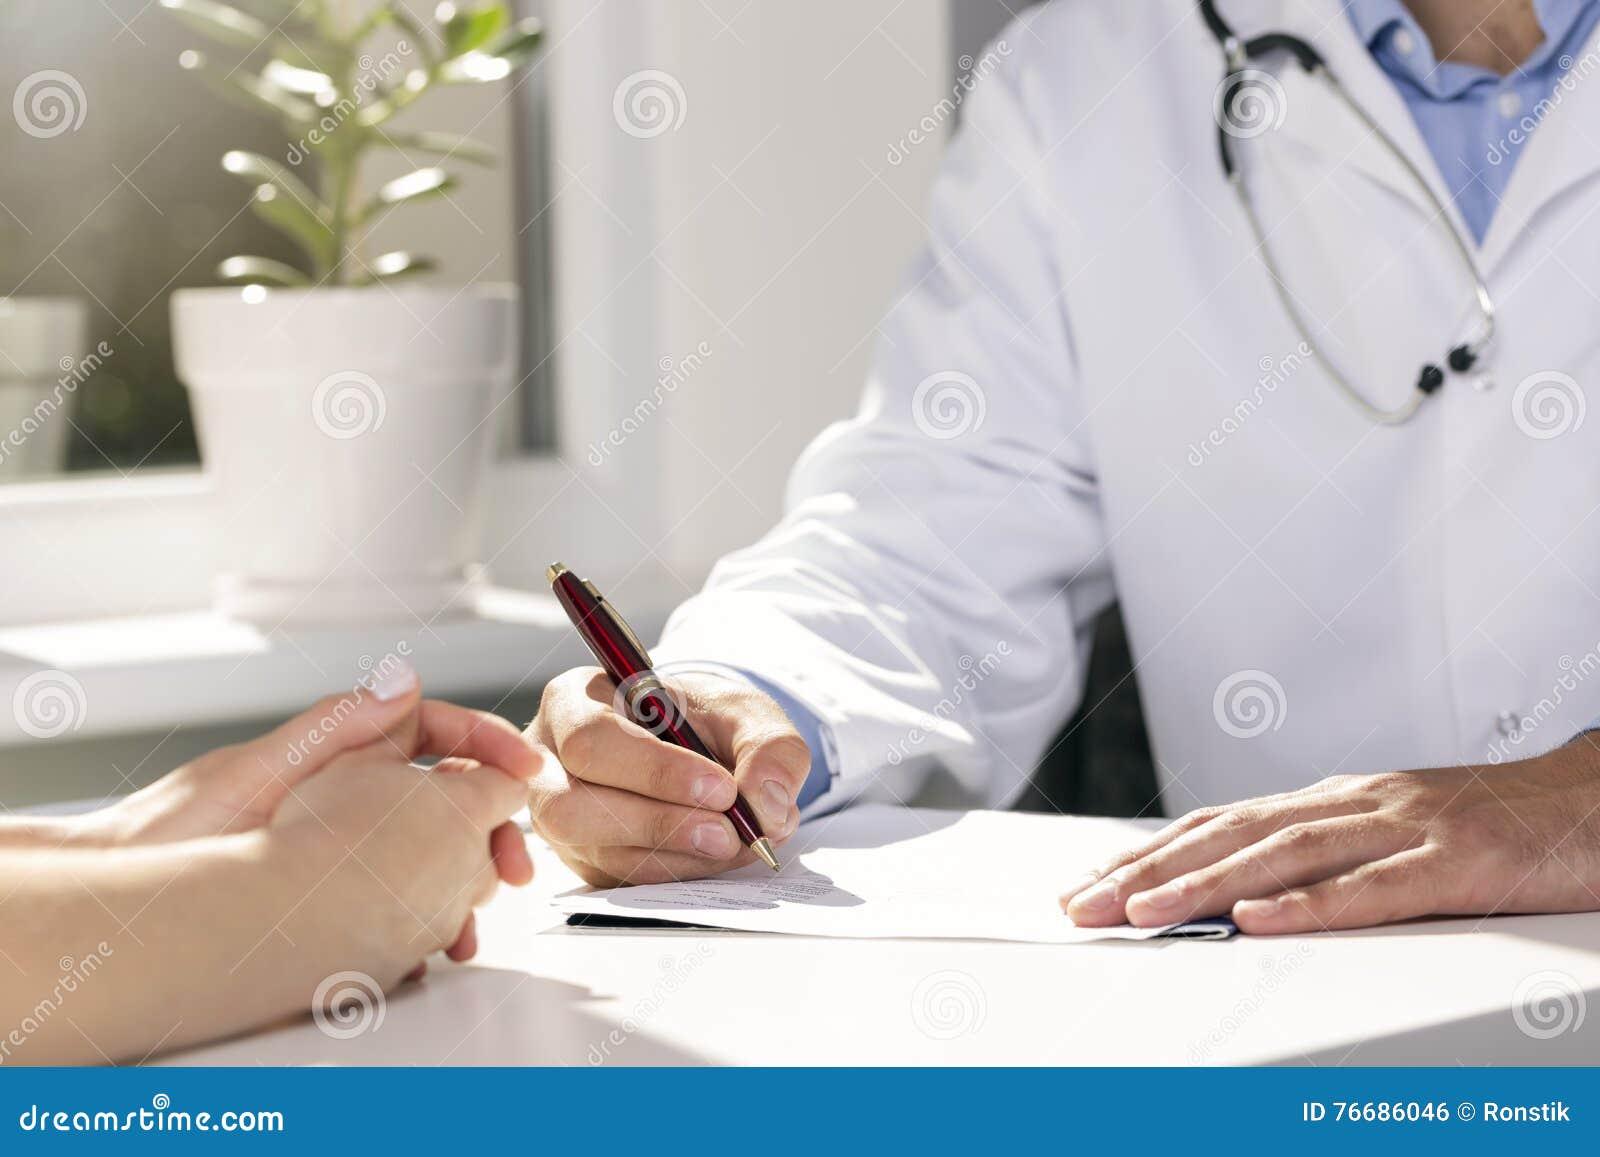 Medizinische Beratung - Doktor und Patient, die durch die Tabelle sitzen